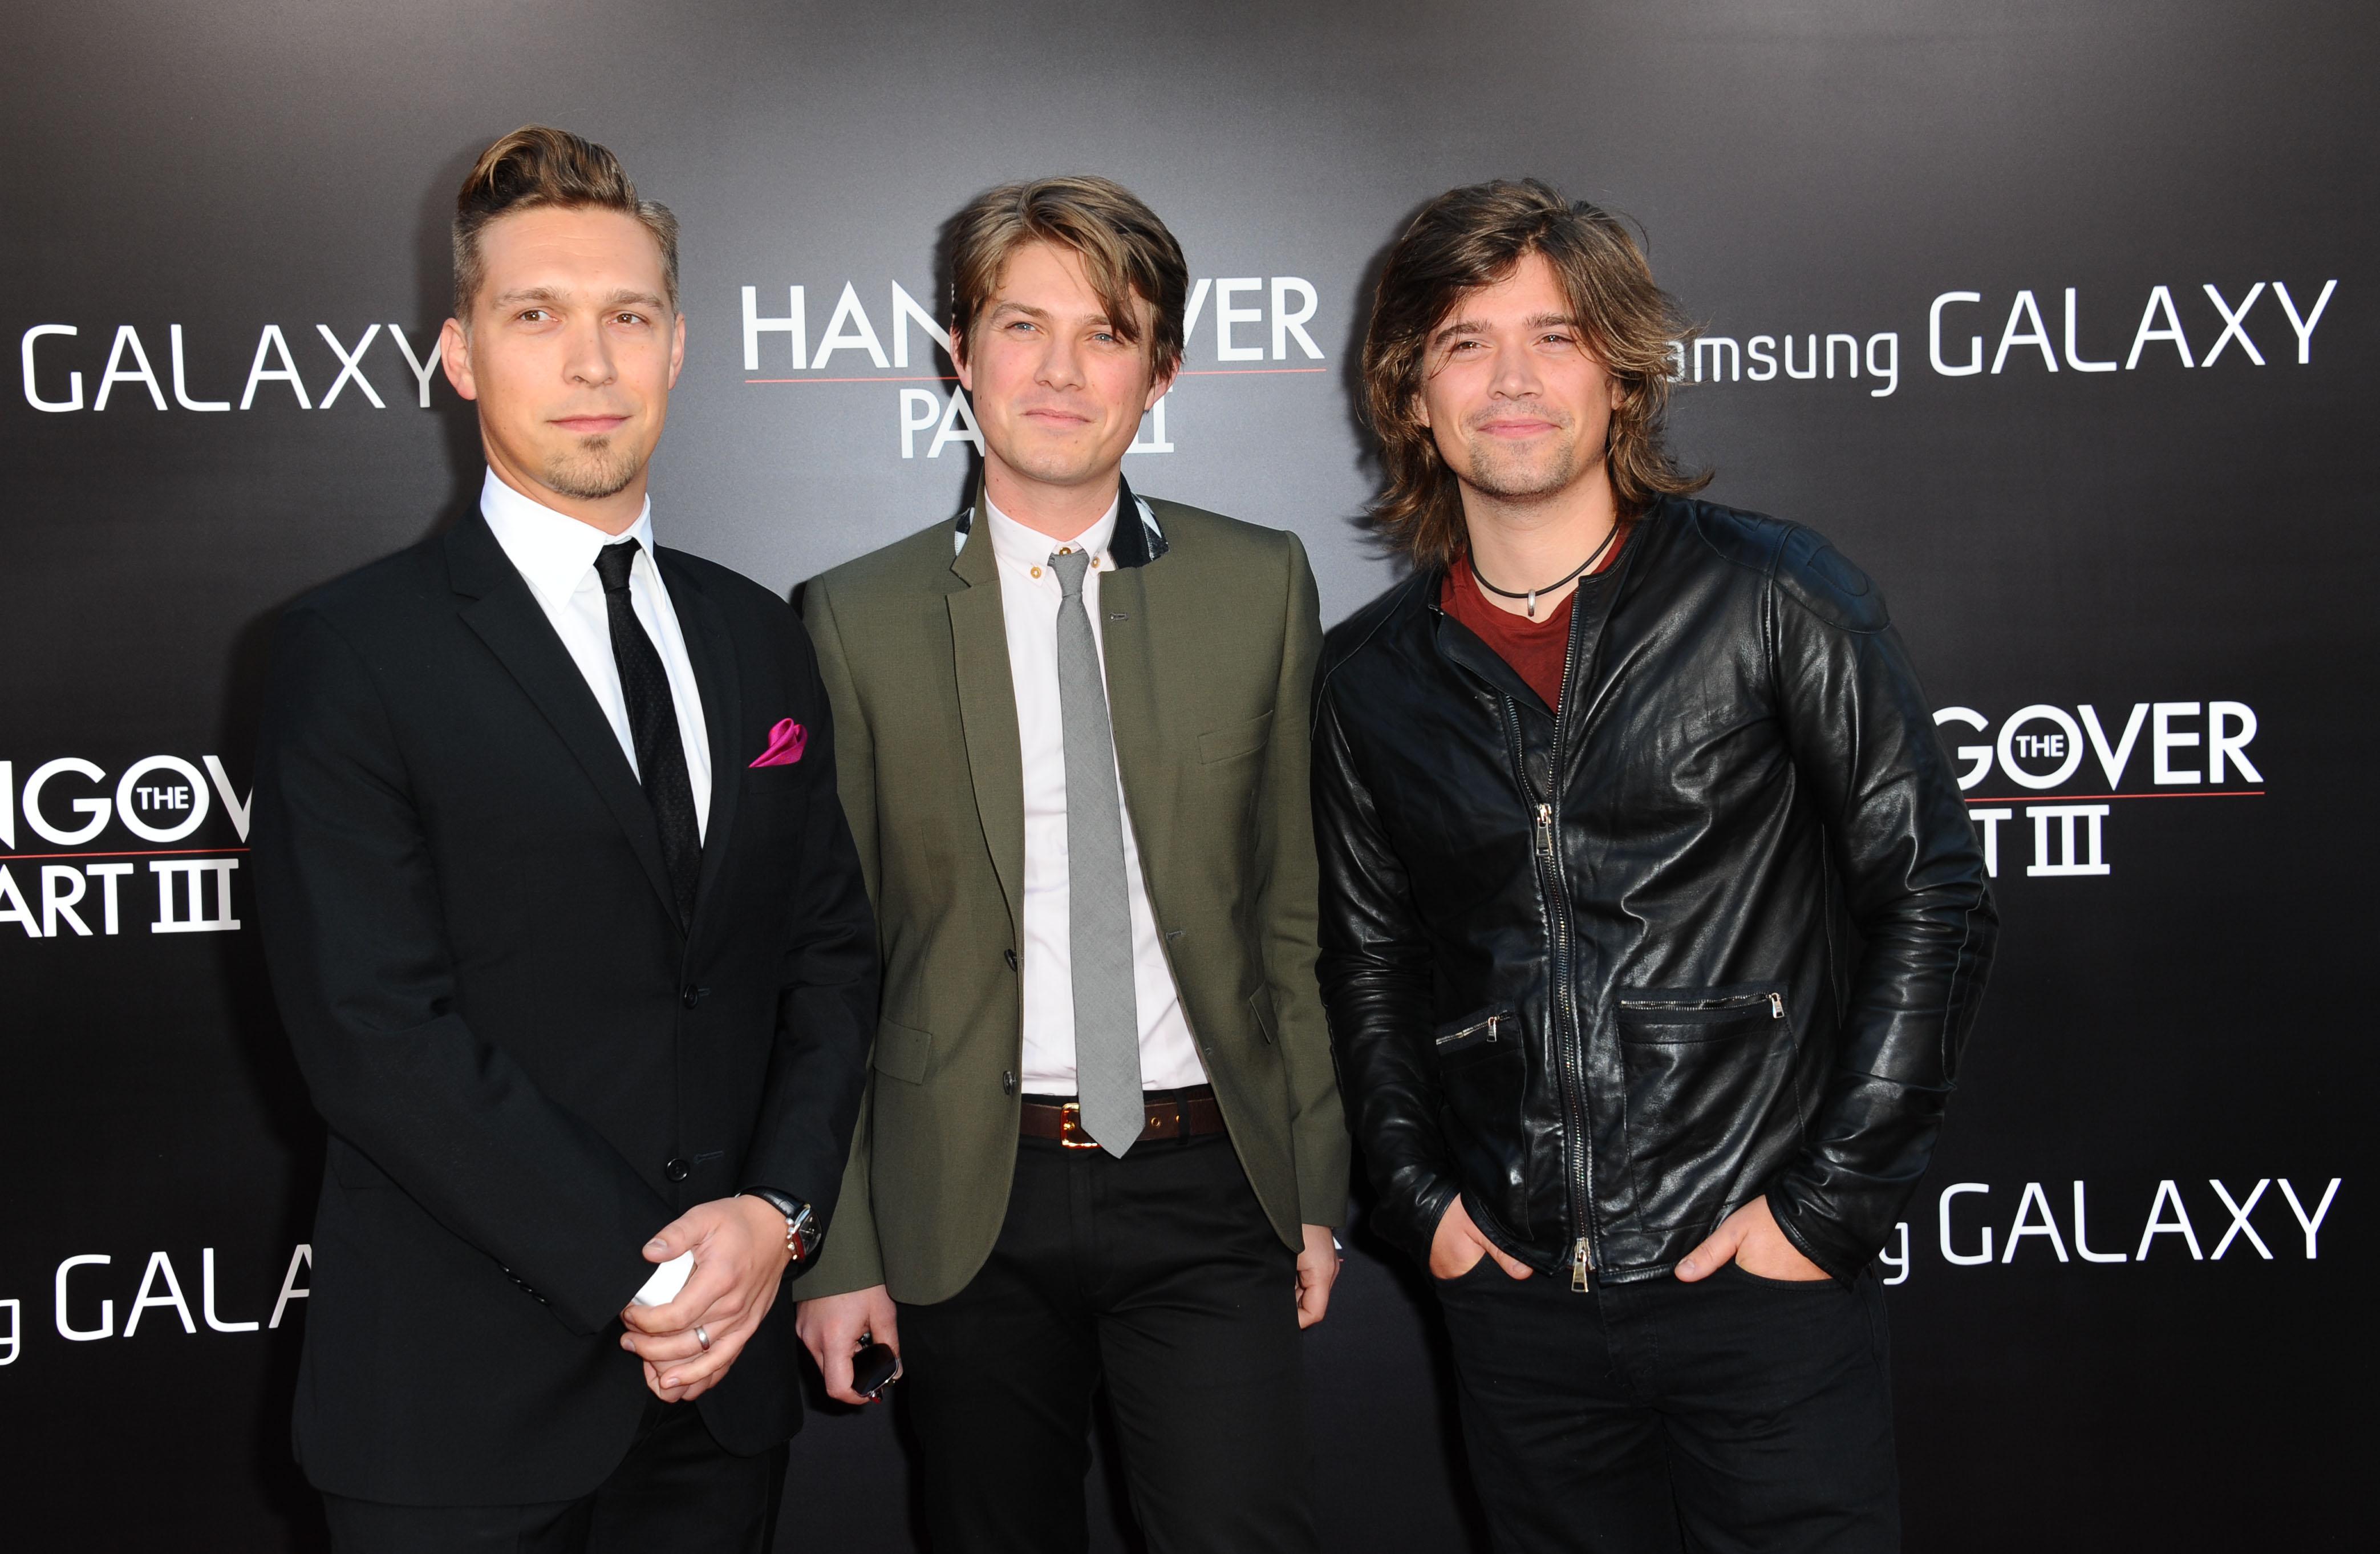 """...2013 stellten die drei Musiker ihr fünftes Studioalbum """"Anthem"""" vor – und sind damit, wenn auch nicht mehr so sehr im Mainstream, in manchen Independent-Kreisen immer noch erfolgreich."""